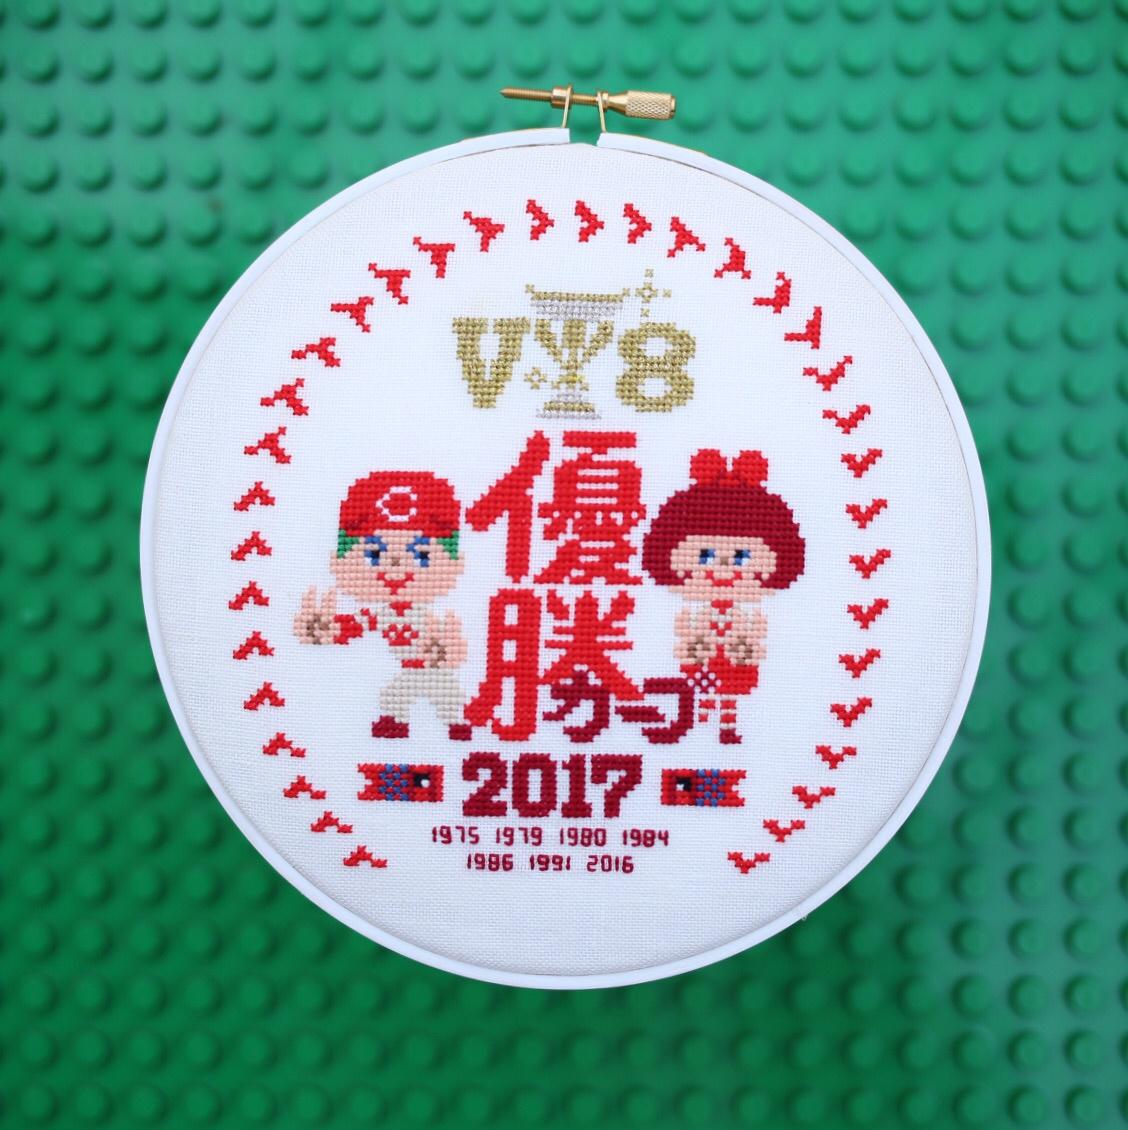 広島カープ優勝記念ステッチ2017